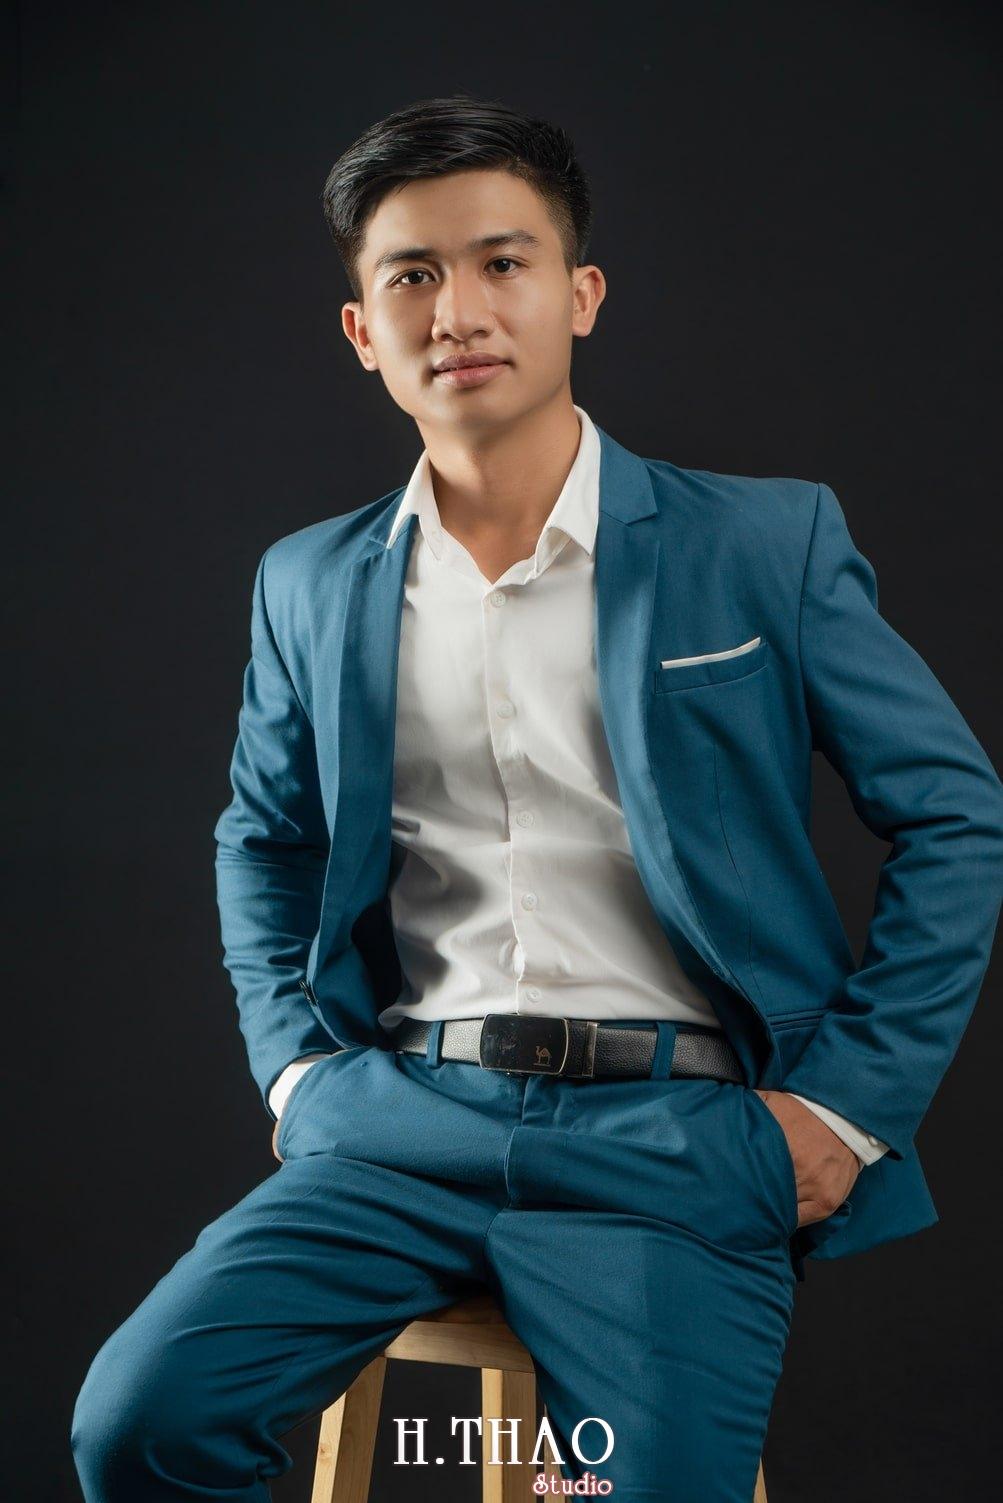 Anh Doanh Nhan 33 - Studio chuyên chụp ảnh profile công ty tại Tp.HCM – HThao Studio